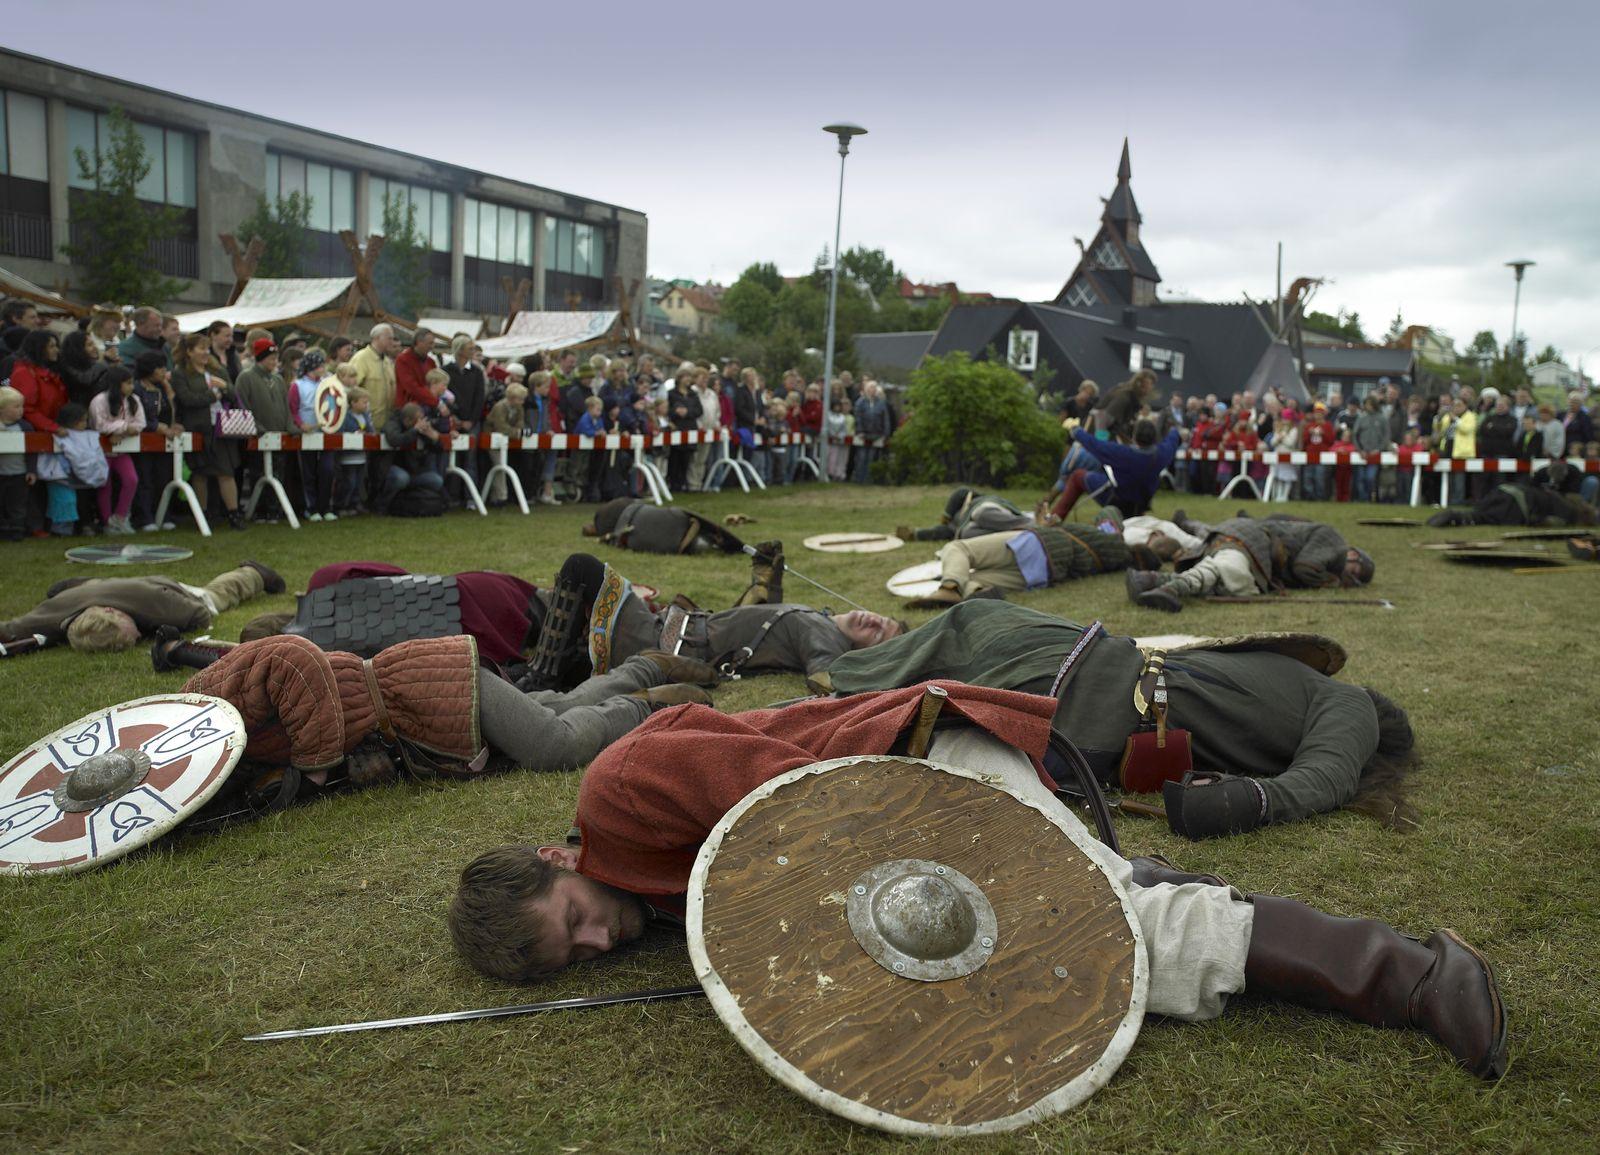 NICHT MEHR VERWENDEN! - Symbolbild/ Island/ Viking Festival